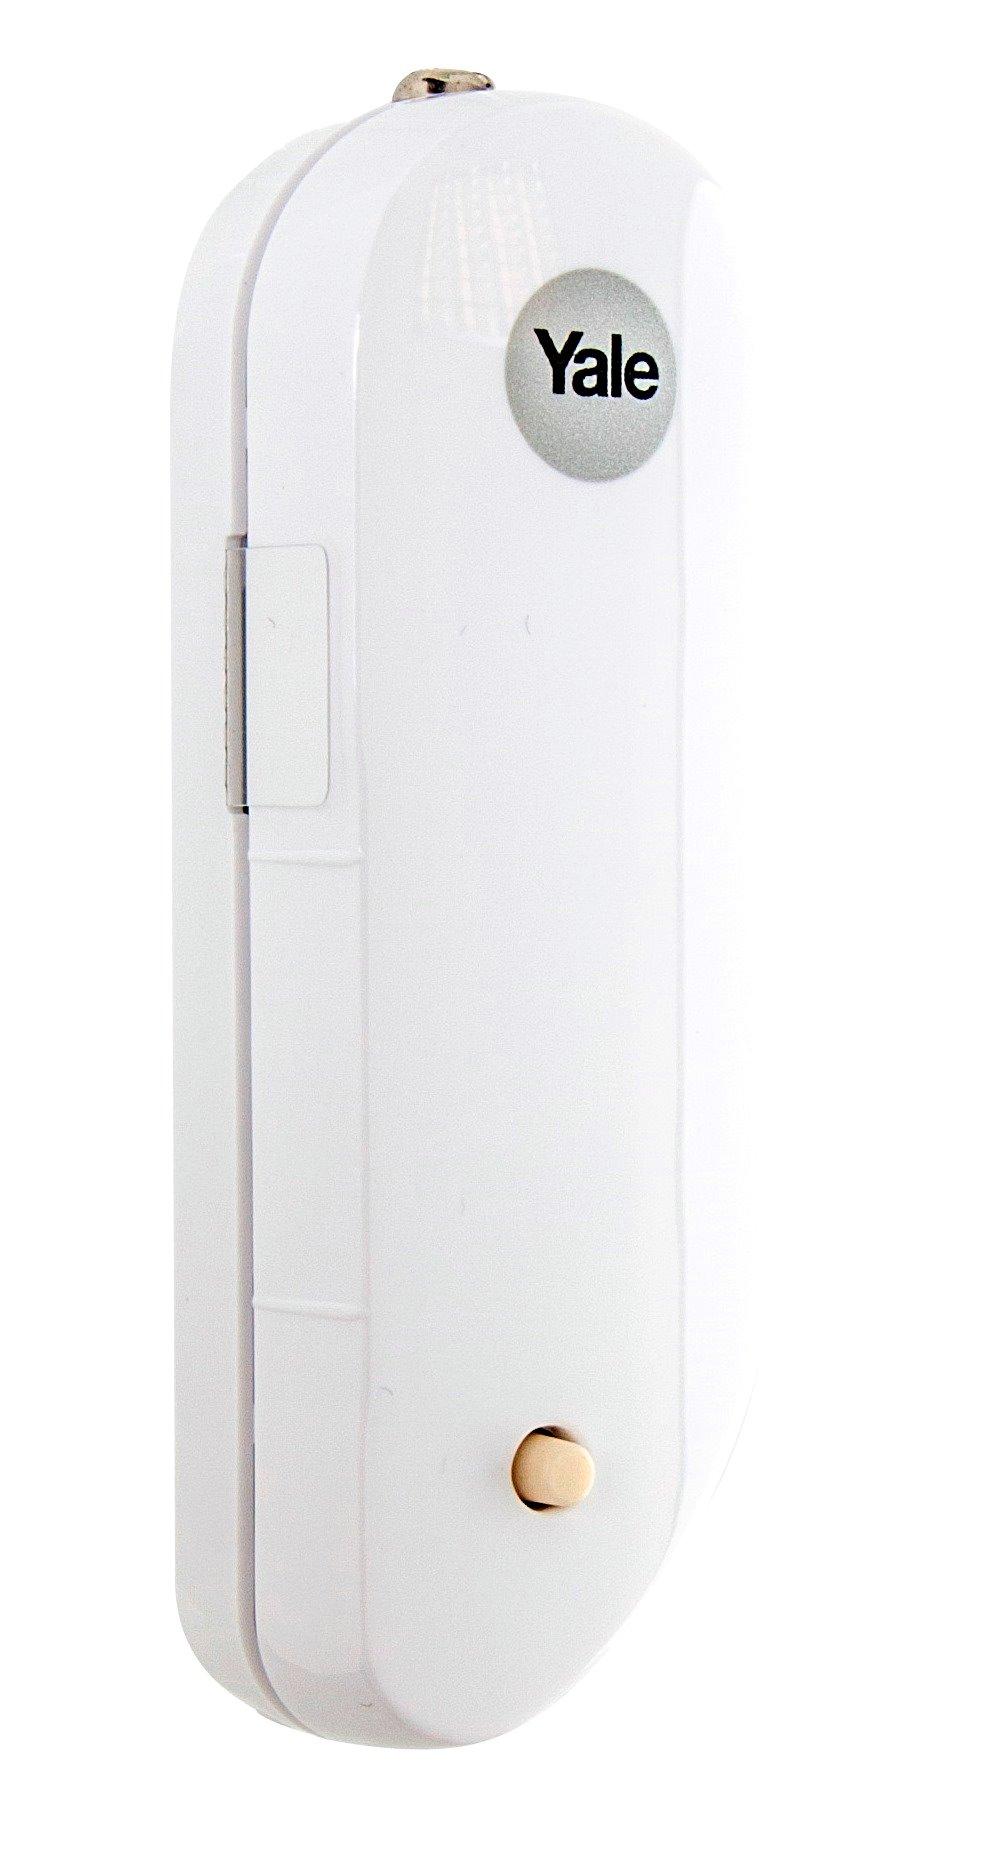 Sensore di contatto porta/finestra